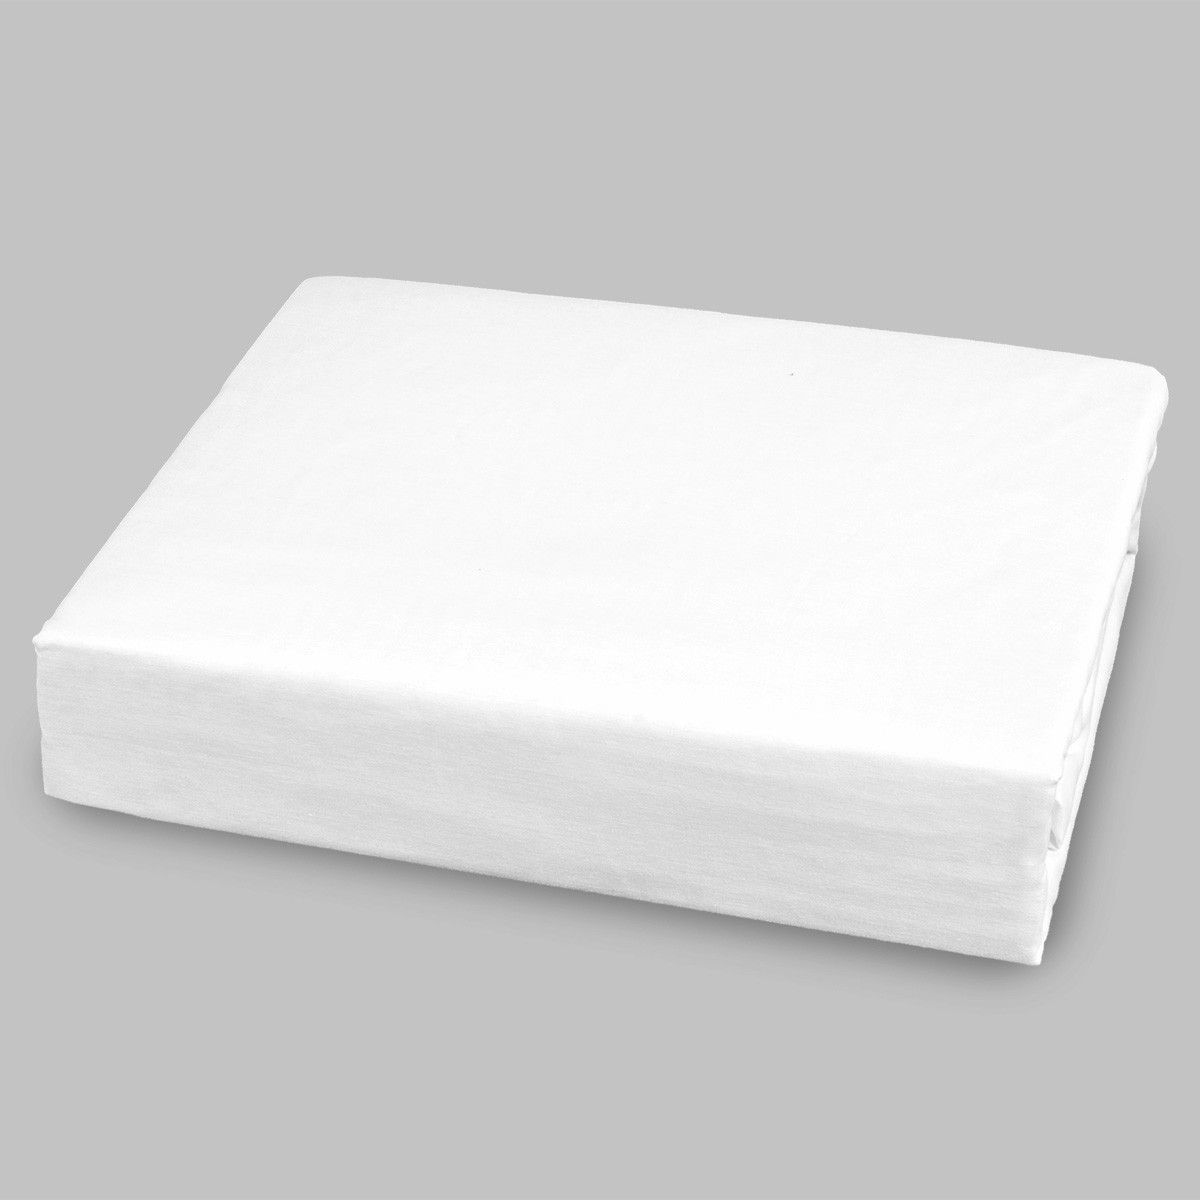 Lençol Avulso King Size 180 Fios Com Elástico - Branco